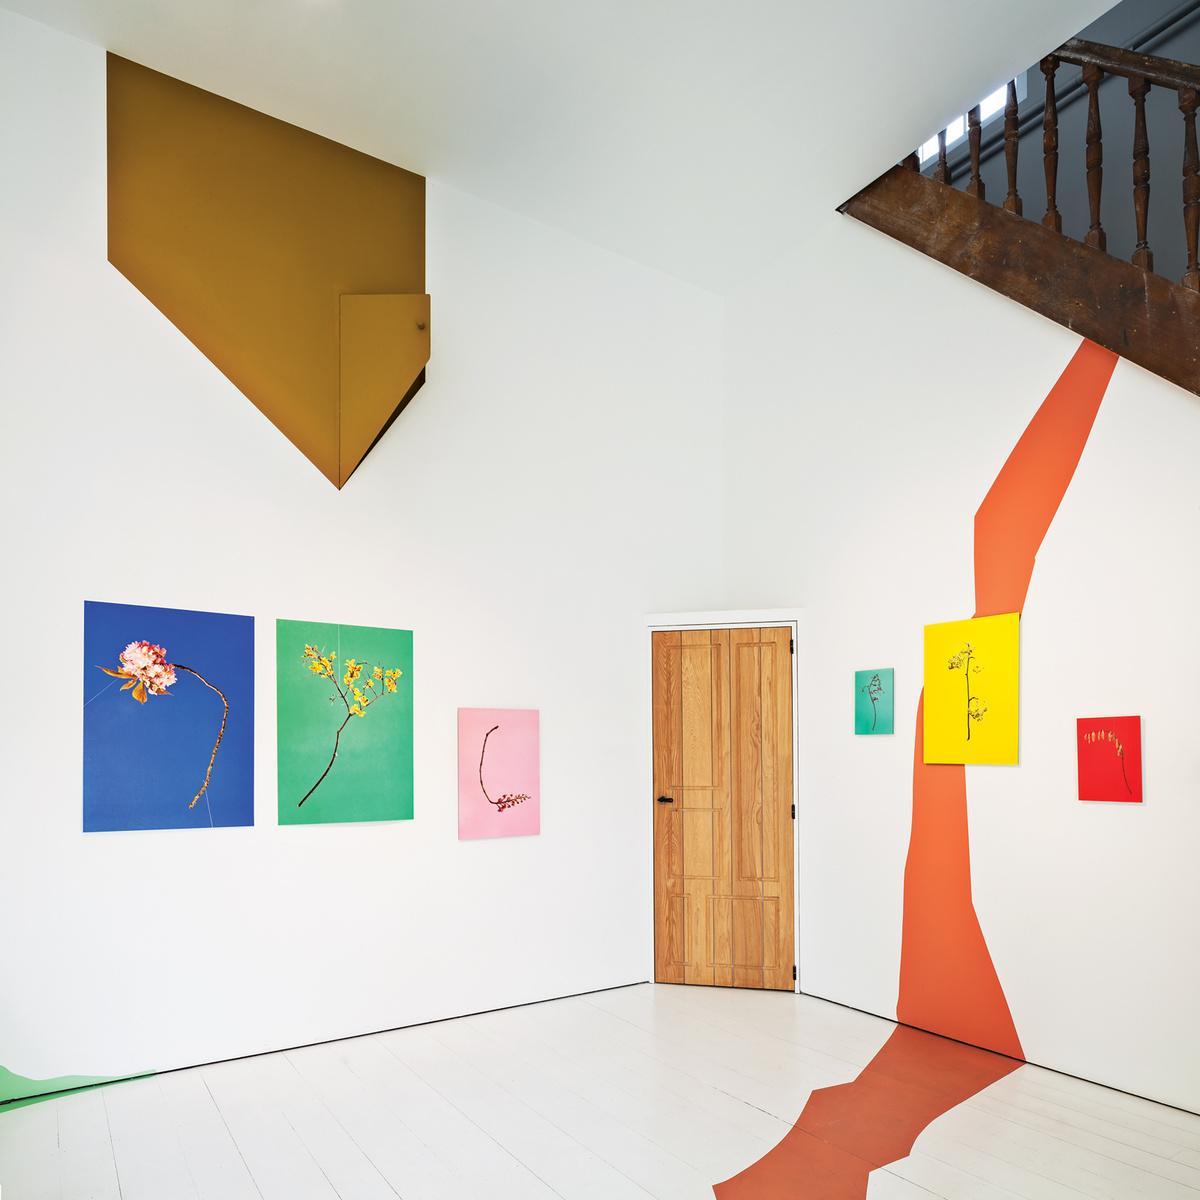 La maison-galerie de Veerle Wenes : Valérie Traan